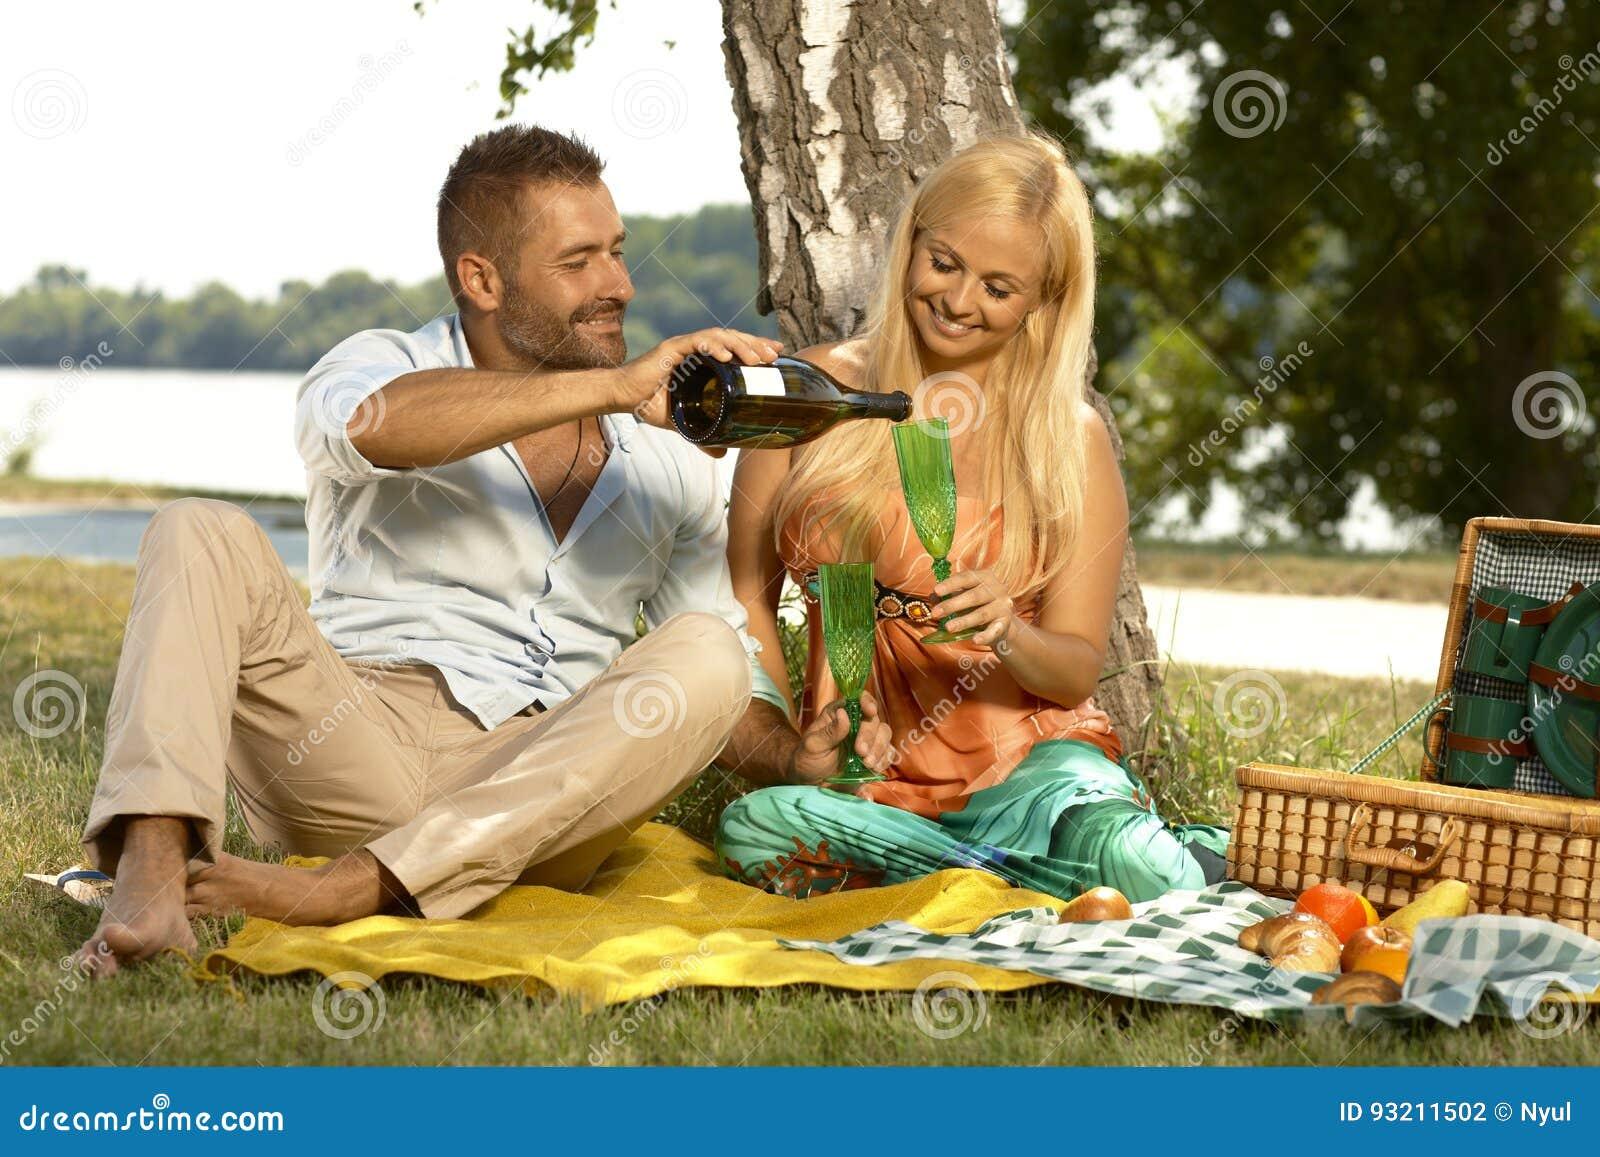 Фото жены на пикнике фото 371-68